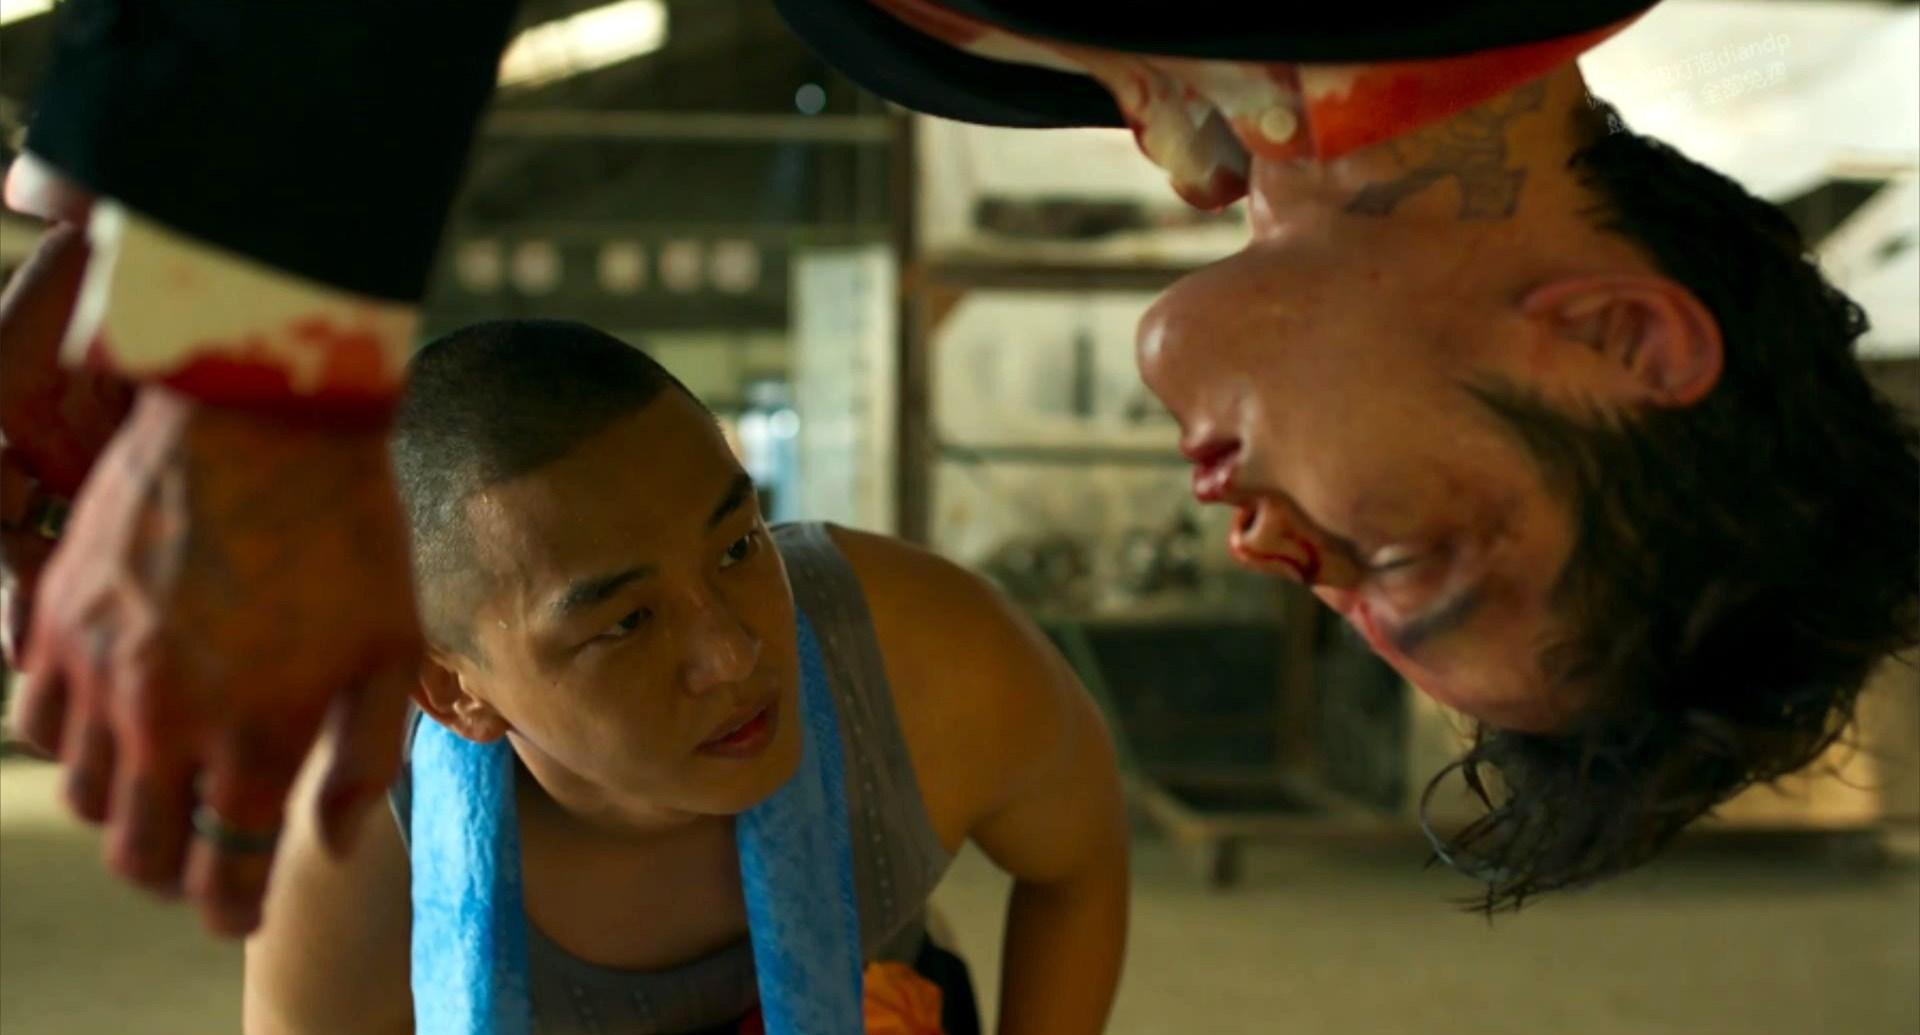 韩国电影《无声》最后的逃跑象征着是人性对社会化的一种抵抗与逃离 (9)